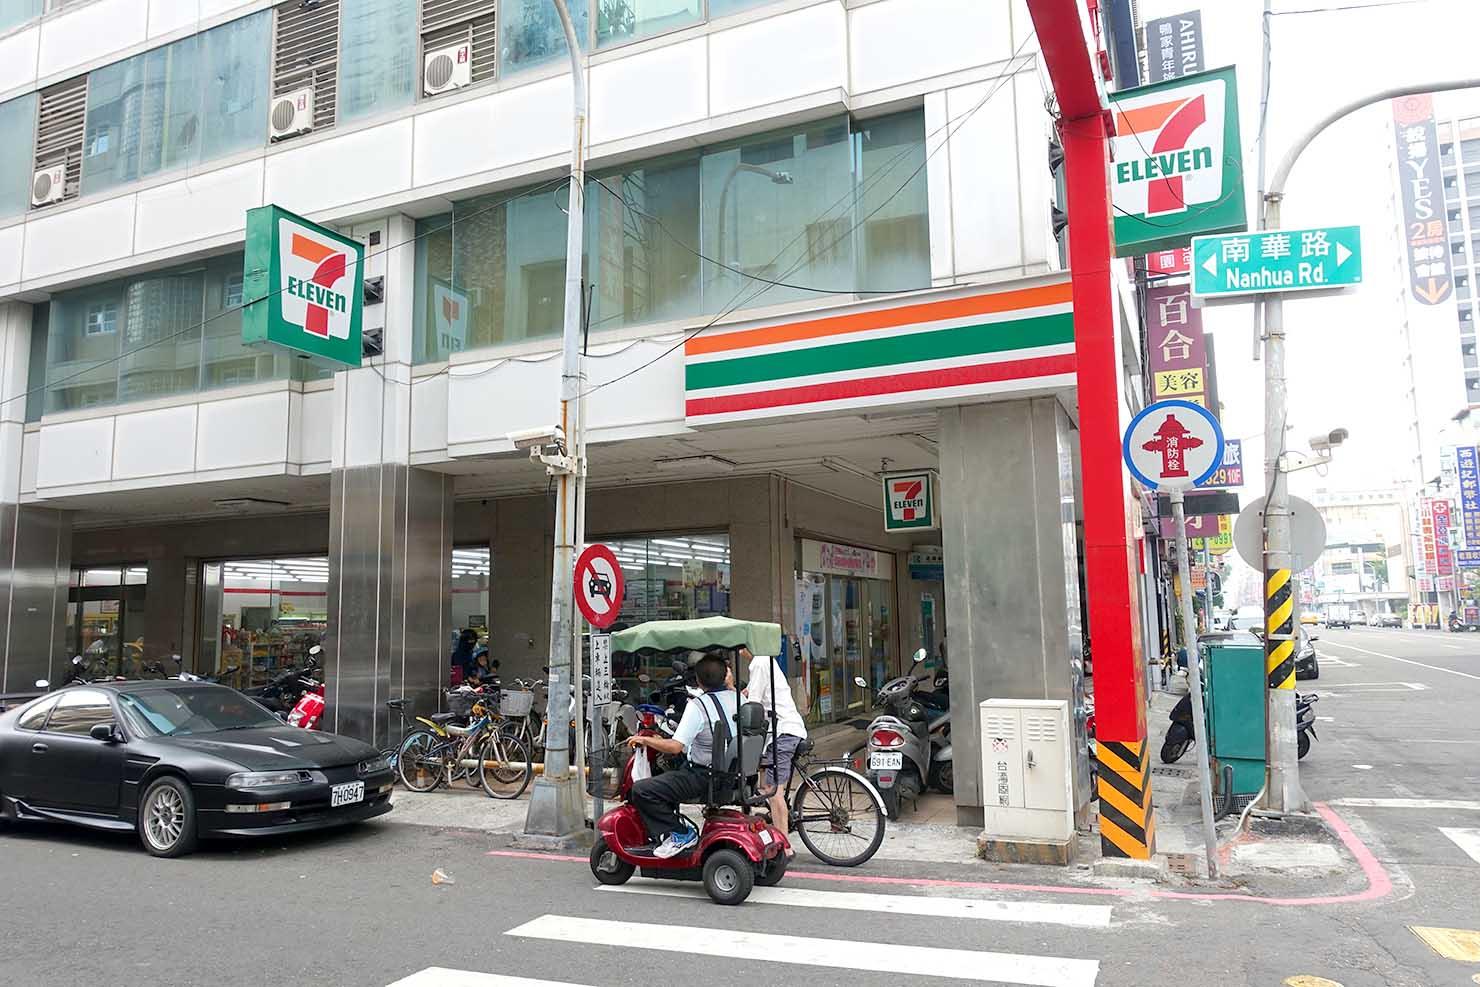 高雄・美麗島駅徒歩3分の立地最高なおすすめホテル「小島公寓 Island House」最寄りのセブンイレブン